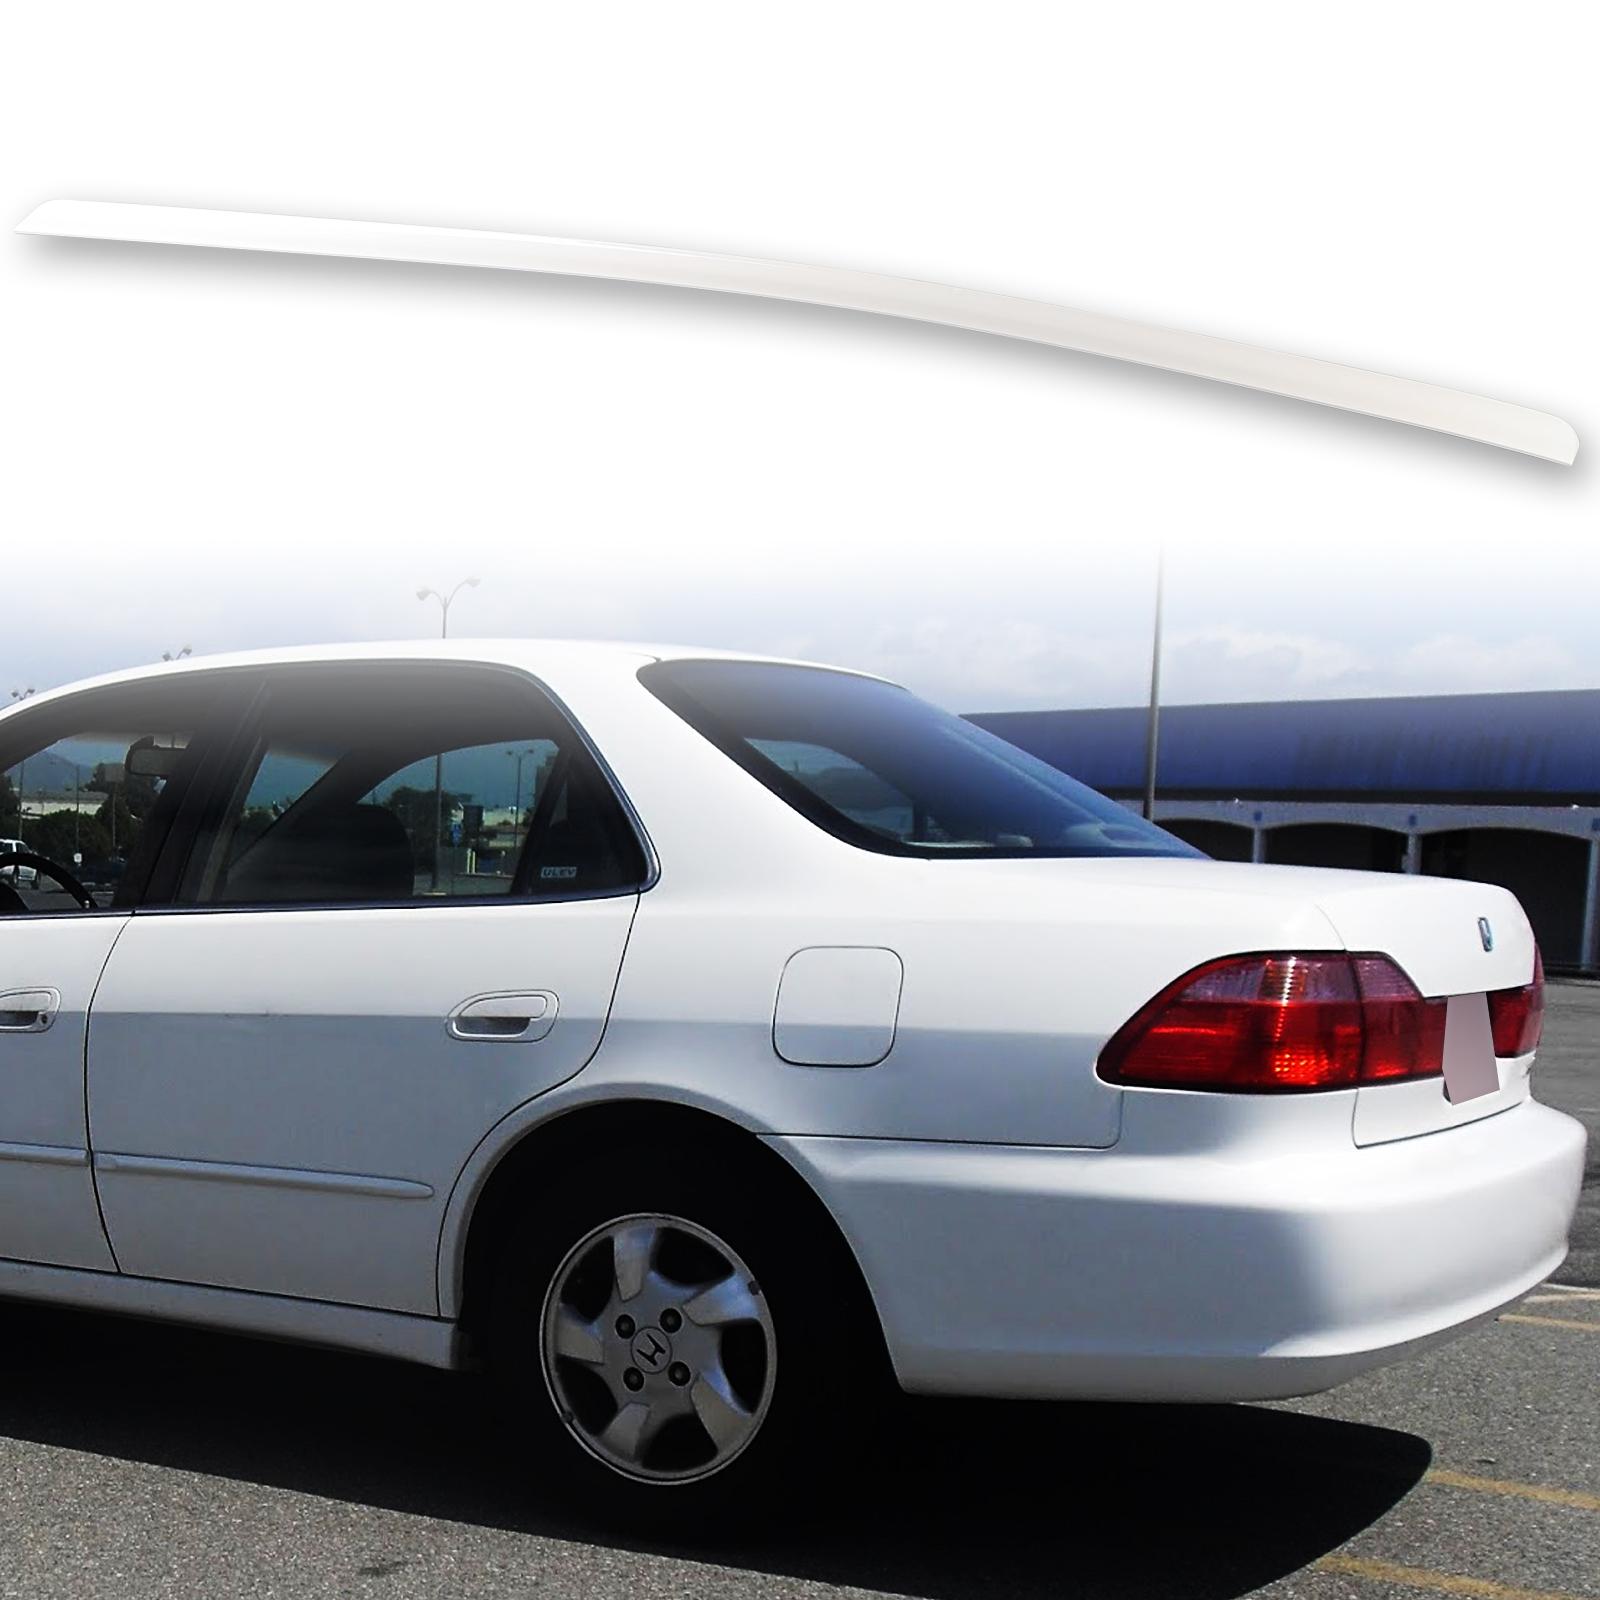 2001 2002 Honda Accord Sedan Rear Bumper Painted NH578 Taffeta White